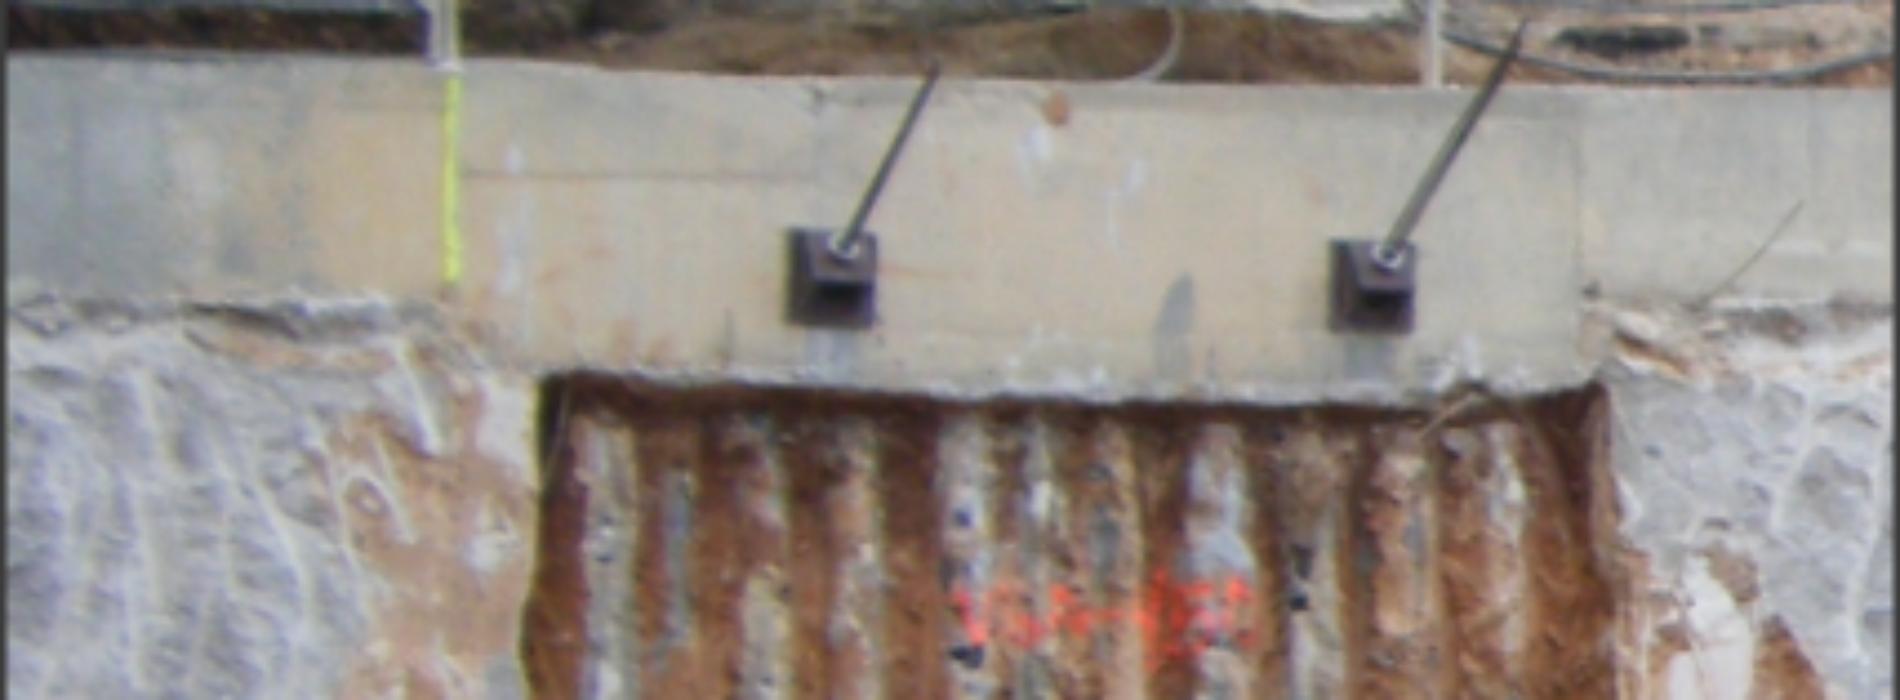 Replanteo de micropilotes para pantalla entre estructuras